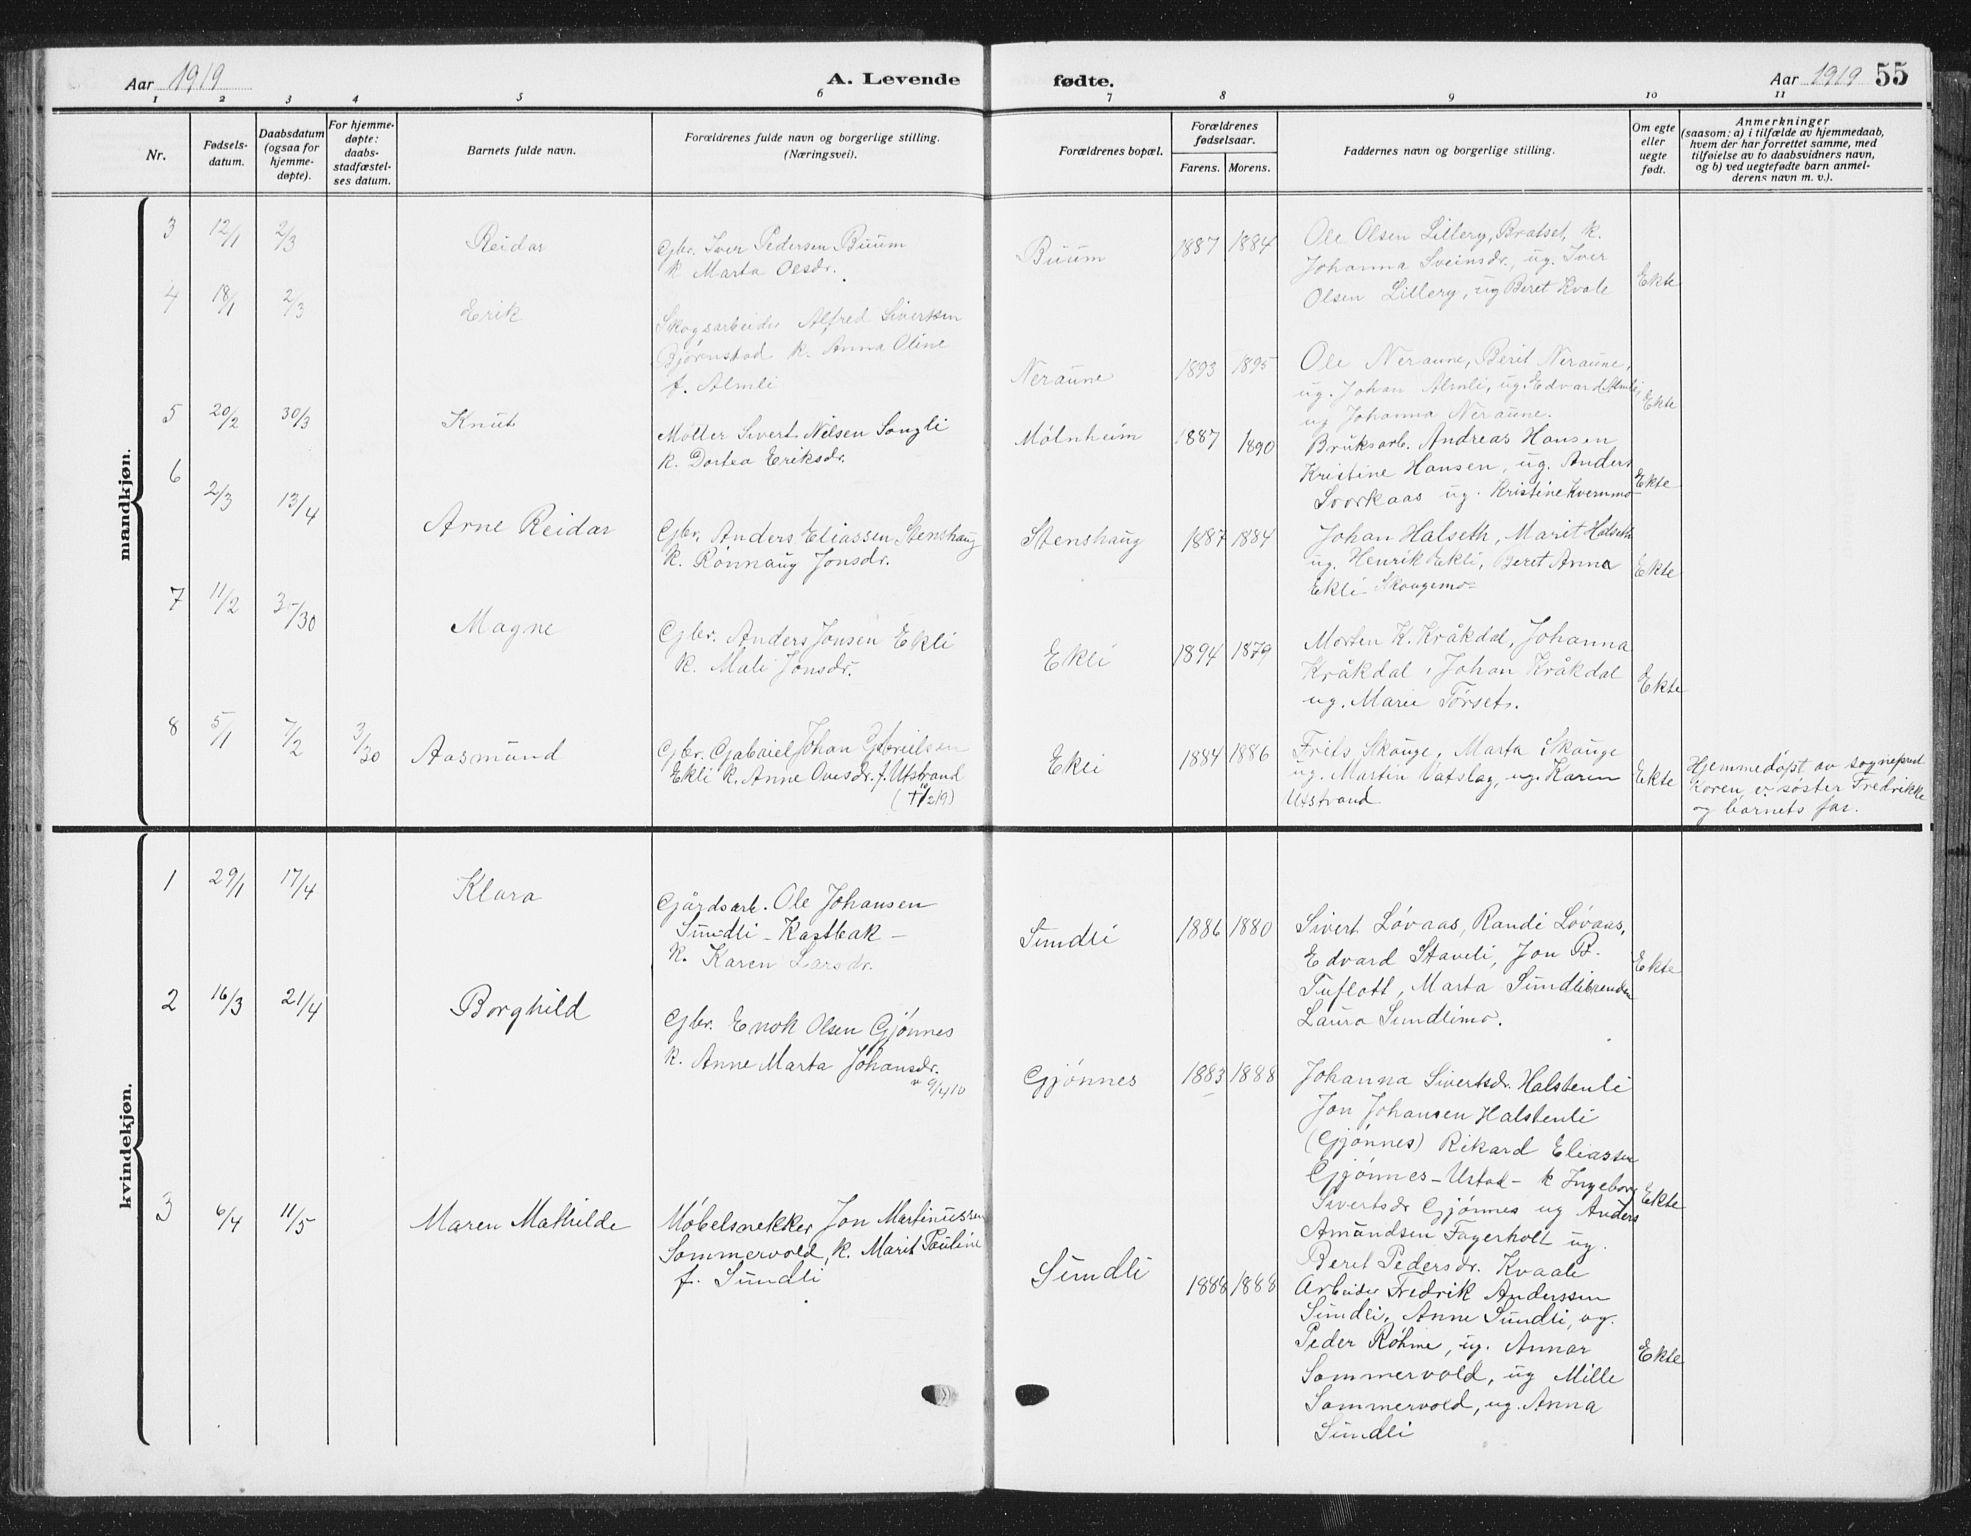 SAT, Ministerialprotokoller, klokkerbøker og fødselsregistre - Sør-Trøndelag, 668/L0820: Klokkerbok nr. 668C09, 1912-1936, s. 55